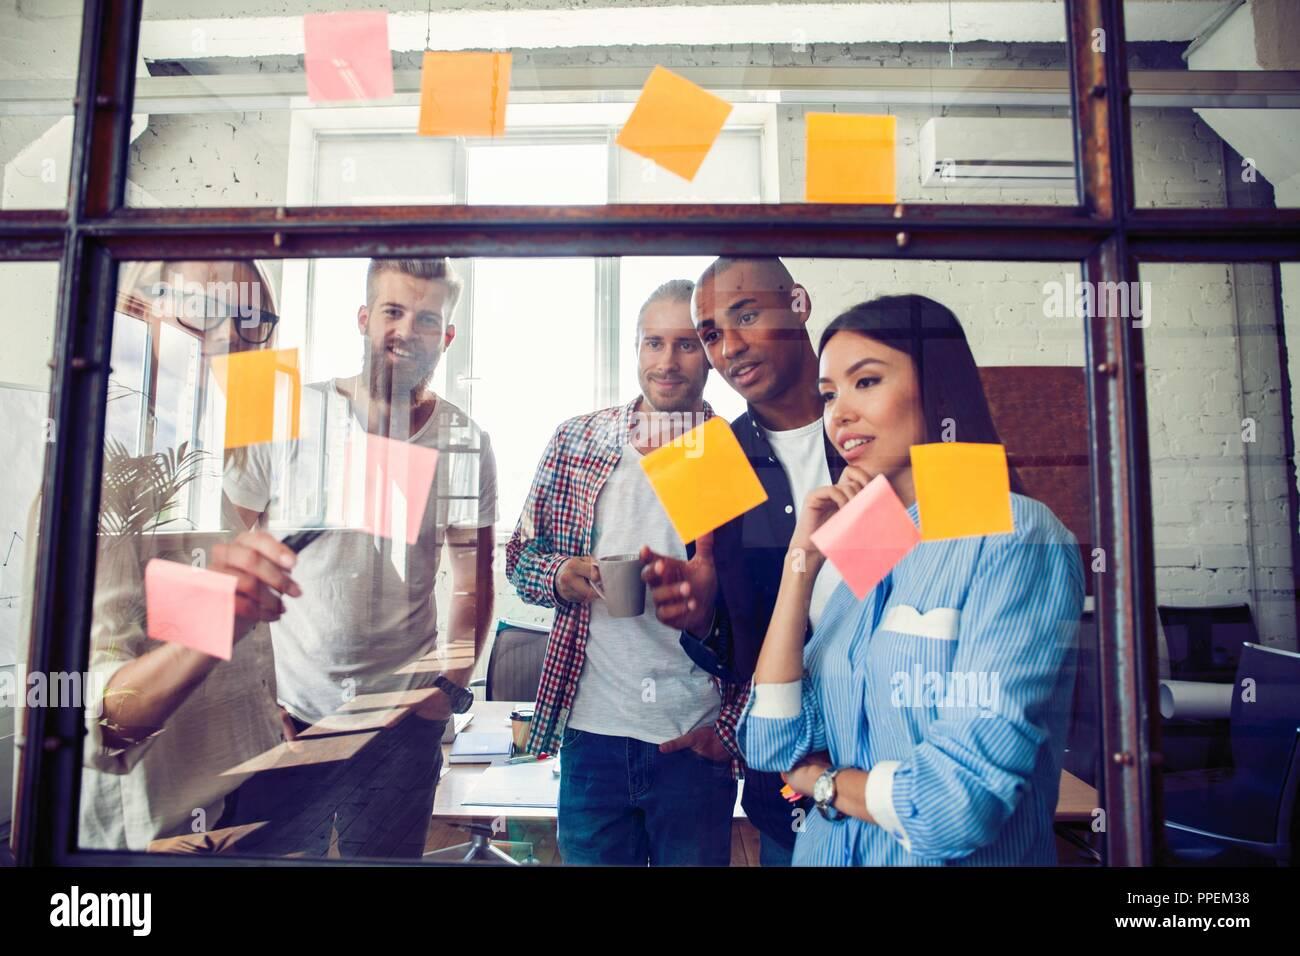 Les gens d'affaires réunion au bureau et utiliser post it à partager idée. Concept de réflexion. Sticky note sur la paroi de verre Photo Stock